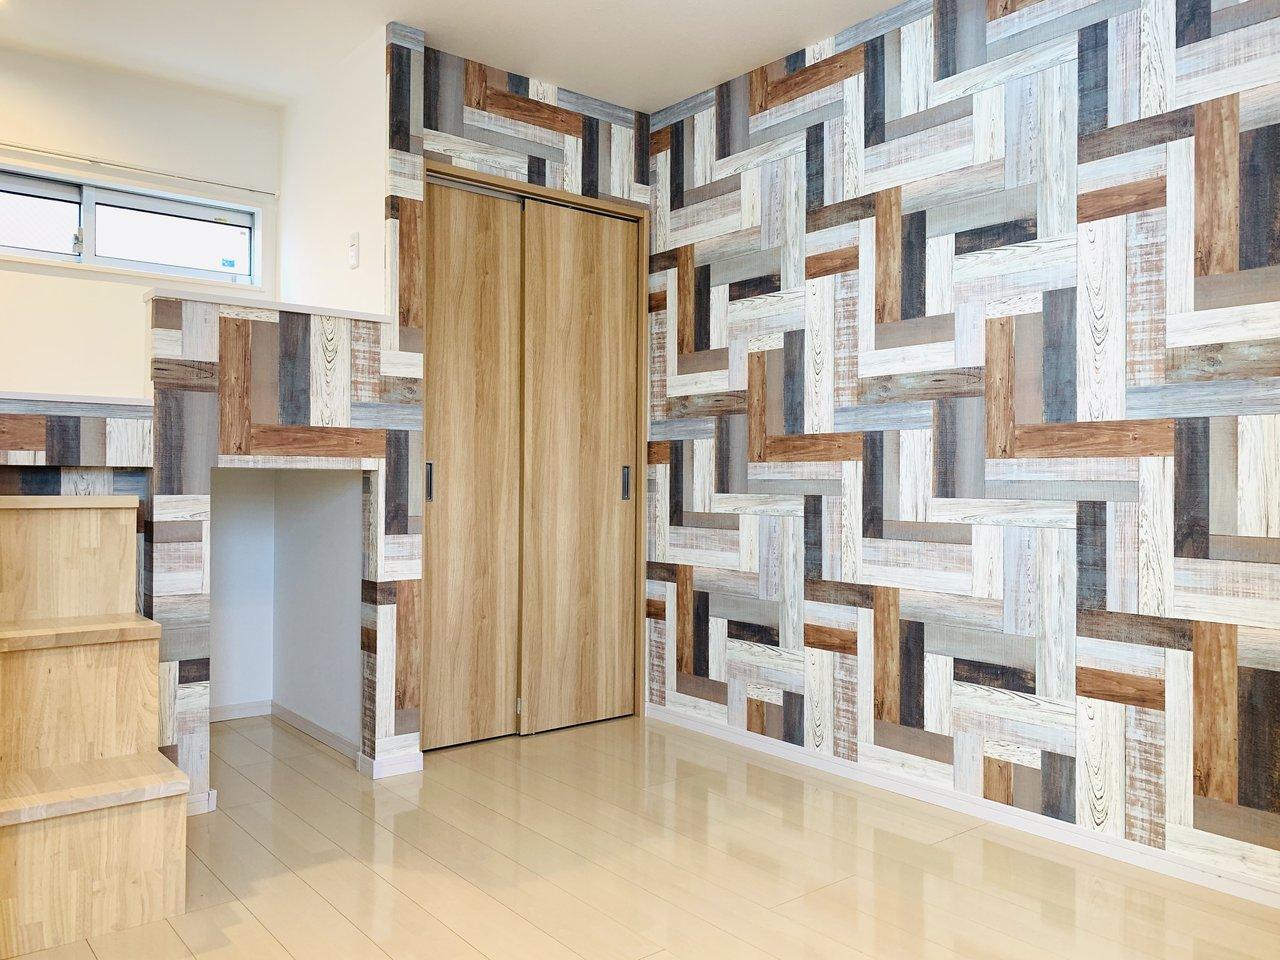 まるで本物の木の板を貼り合わせて作られたかのような、お部屋の印象を左右するダイナミックな壁紙が特徴のこちらのお部屋。人とちょっぴり差をつけたいお部屋を探している方にぴったり。